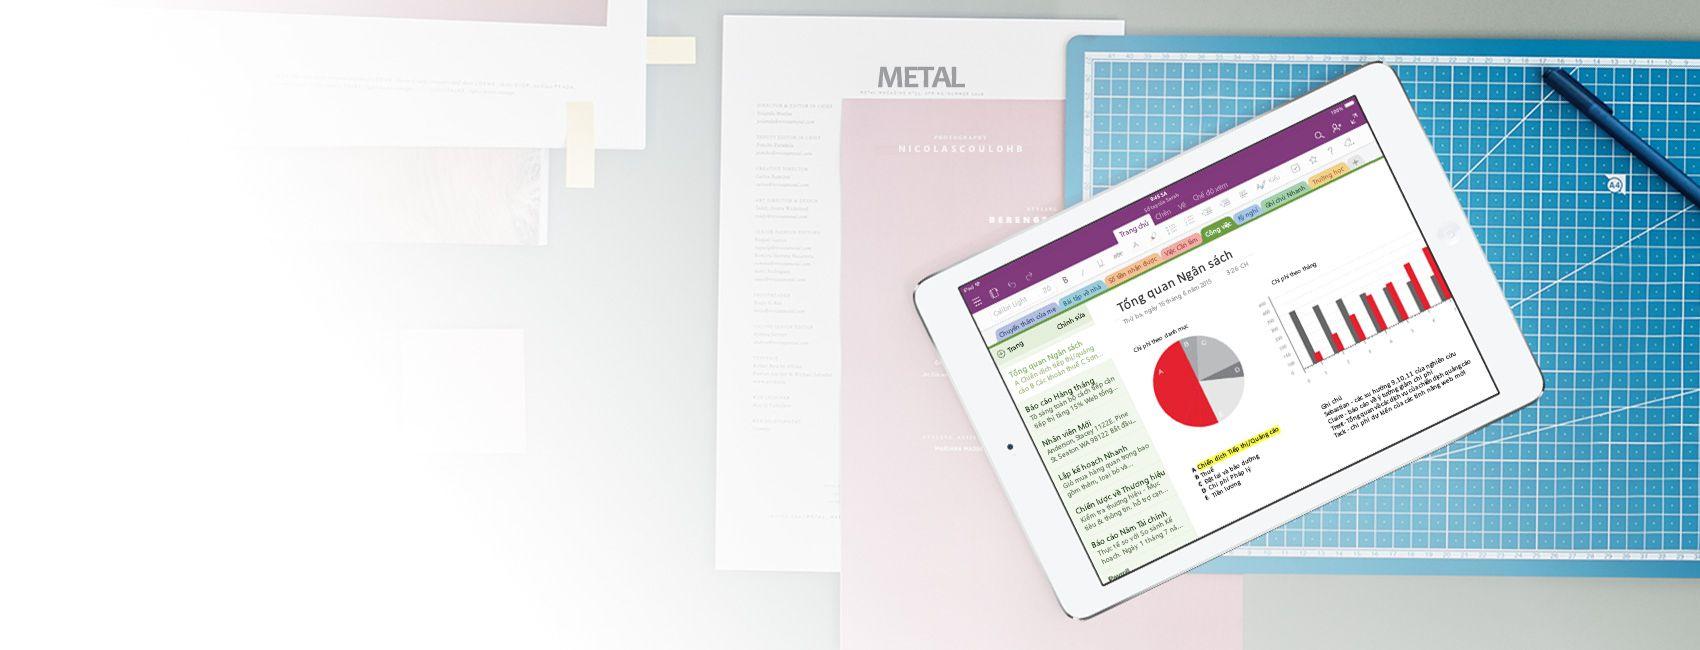 Một chiếc iPad hiển thị sổ tay OneNote với các biểu đồ và đồ thị về tổng quan ngân sách